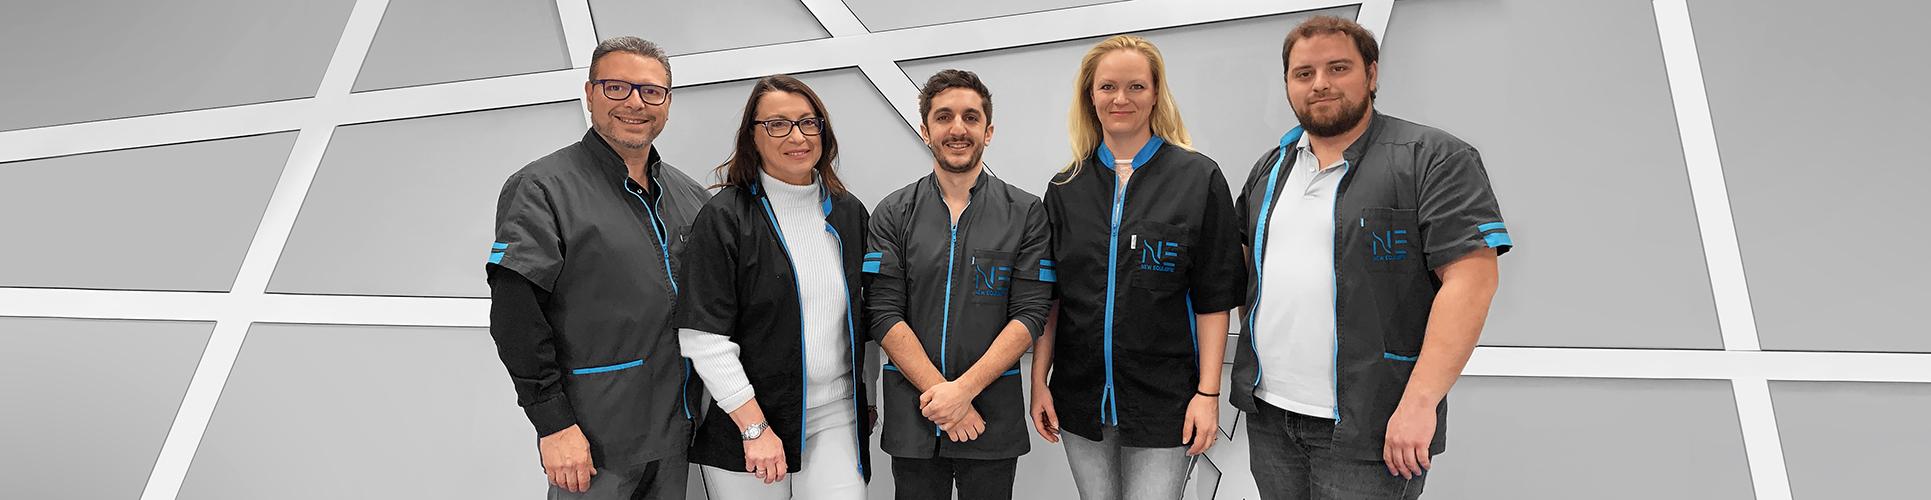 Équipe Forlini Orthopédie